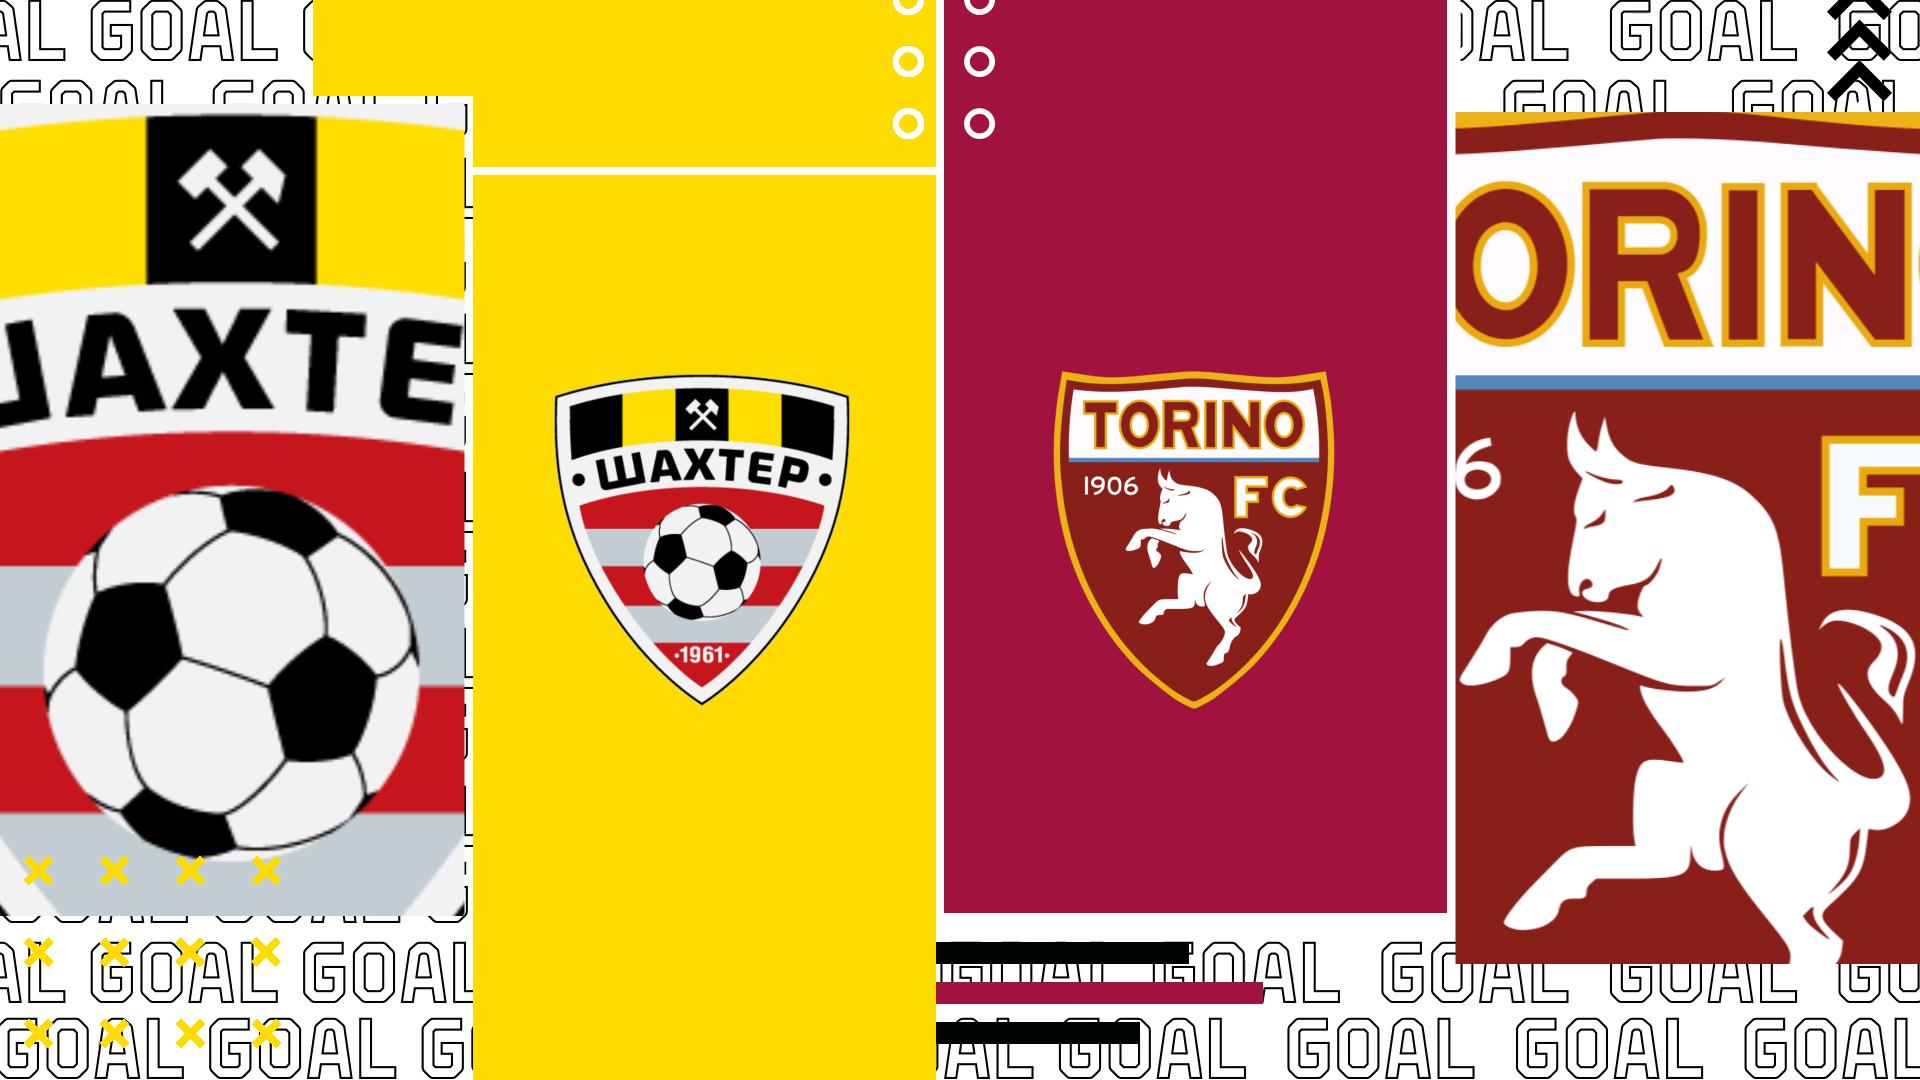 Europa League, nessuna sorpresa: sarà Torino-Wolverhampton nei playoff